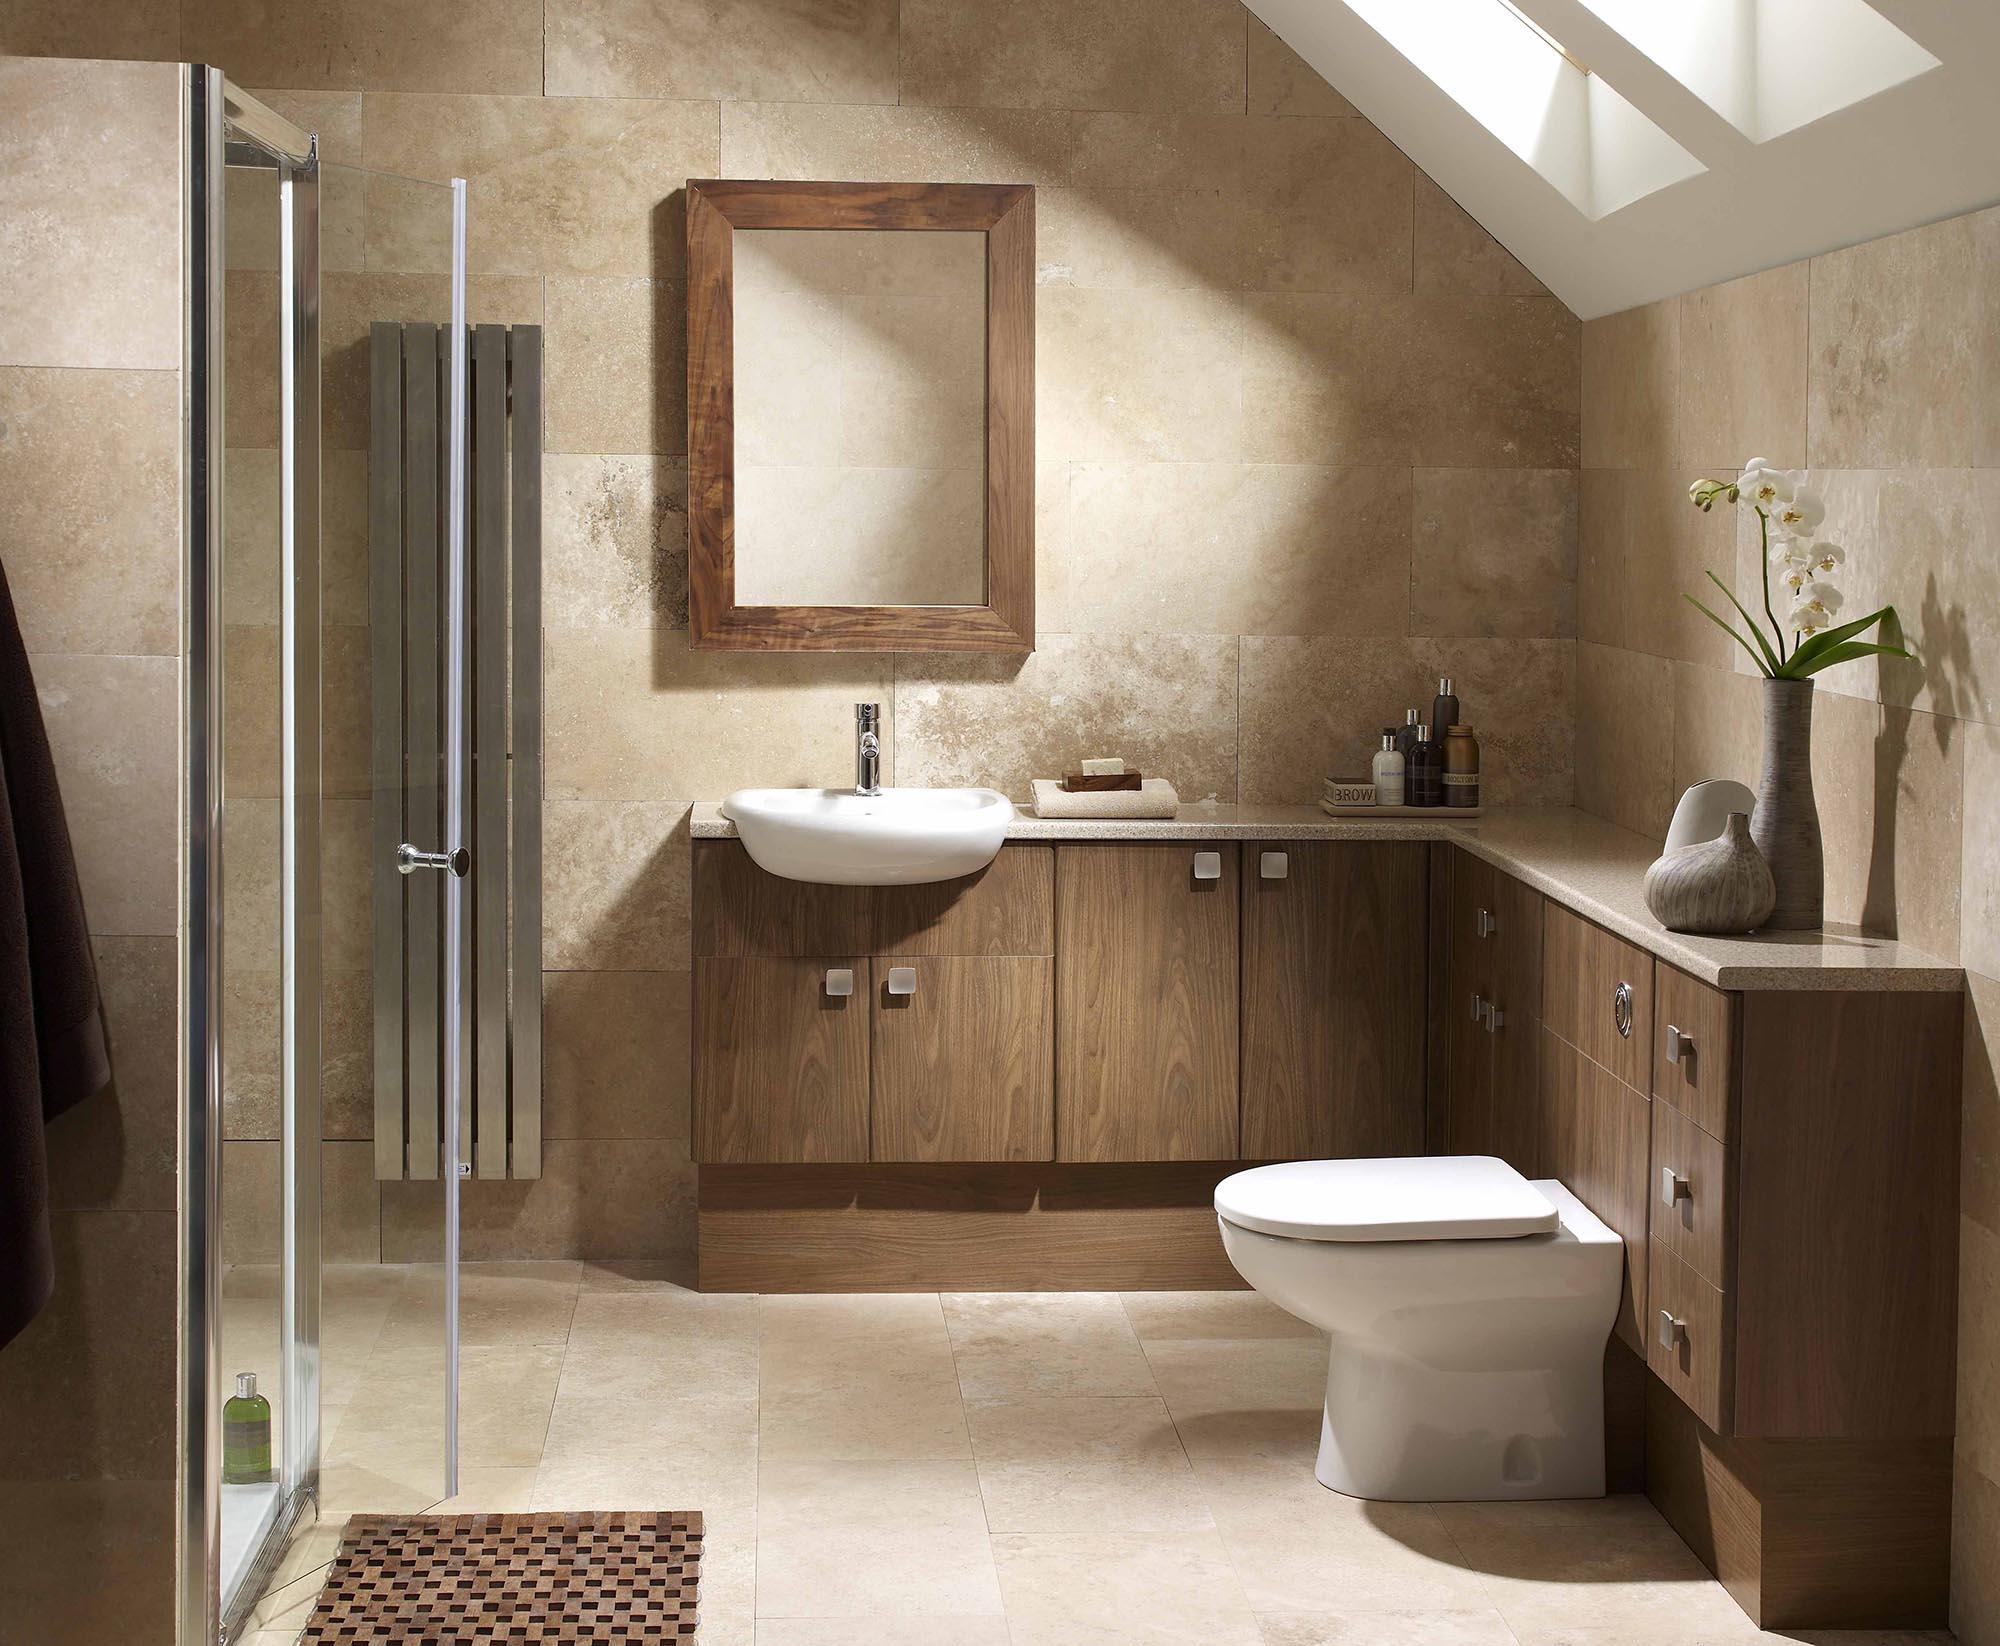 Дерево и плитка в отделке ванной комнаты в стиле минимализм